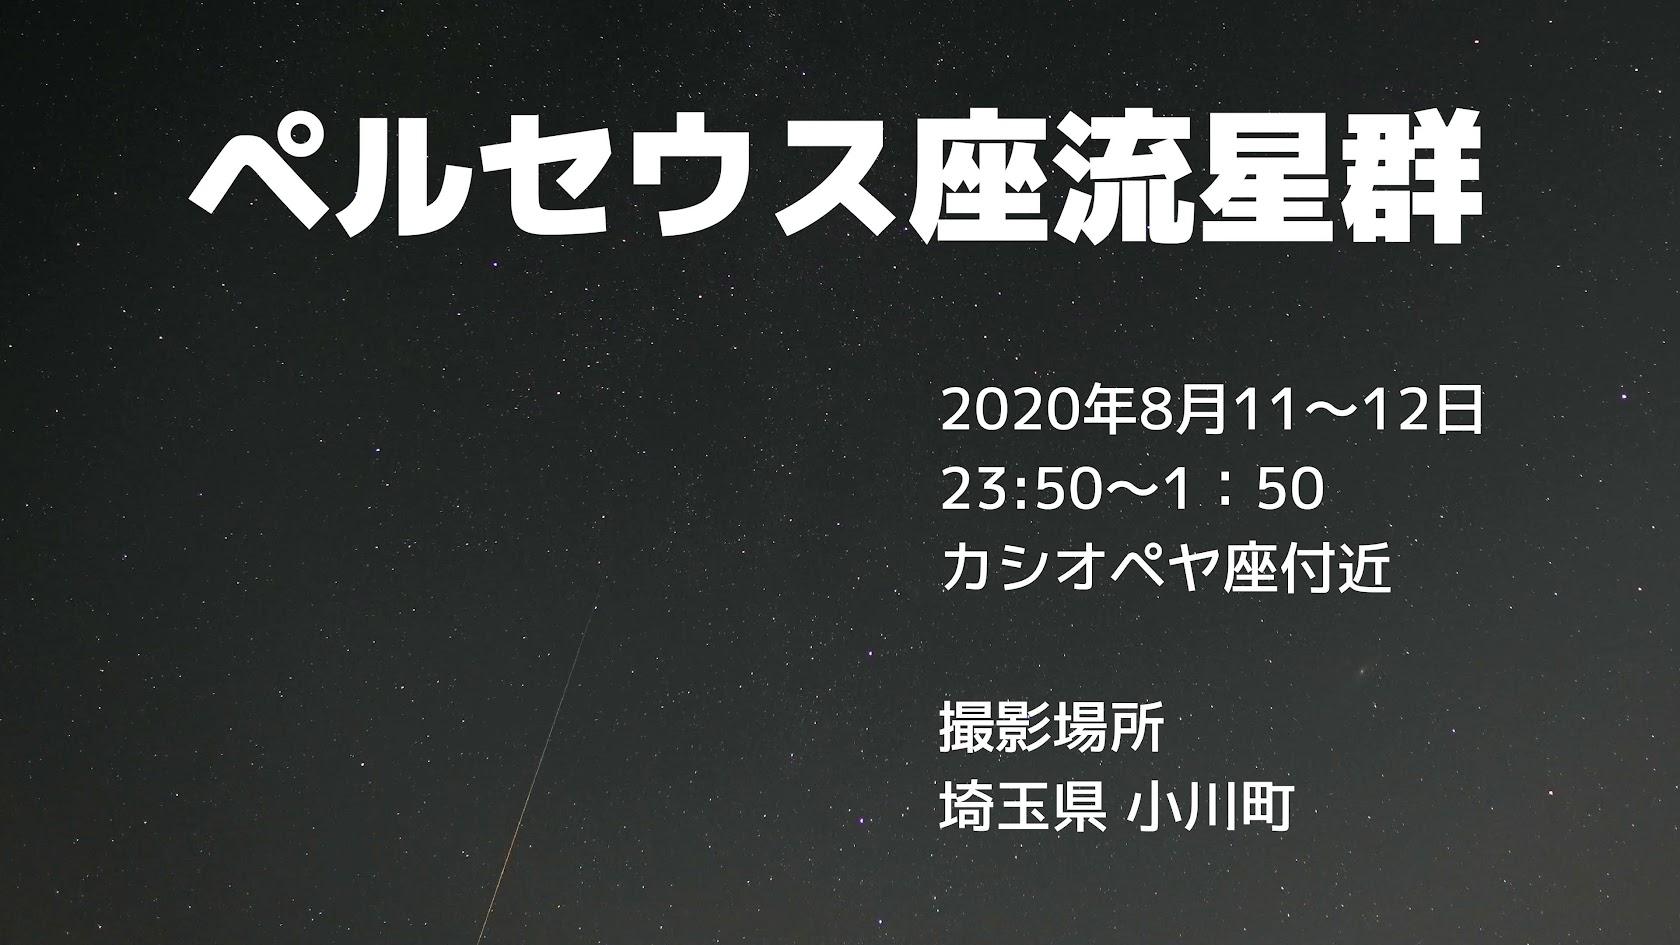 ペルセウス座流星群 タイムラプス動画(8月12日バージョン)